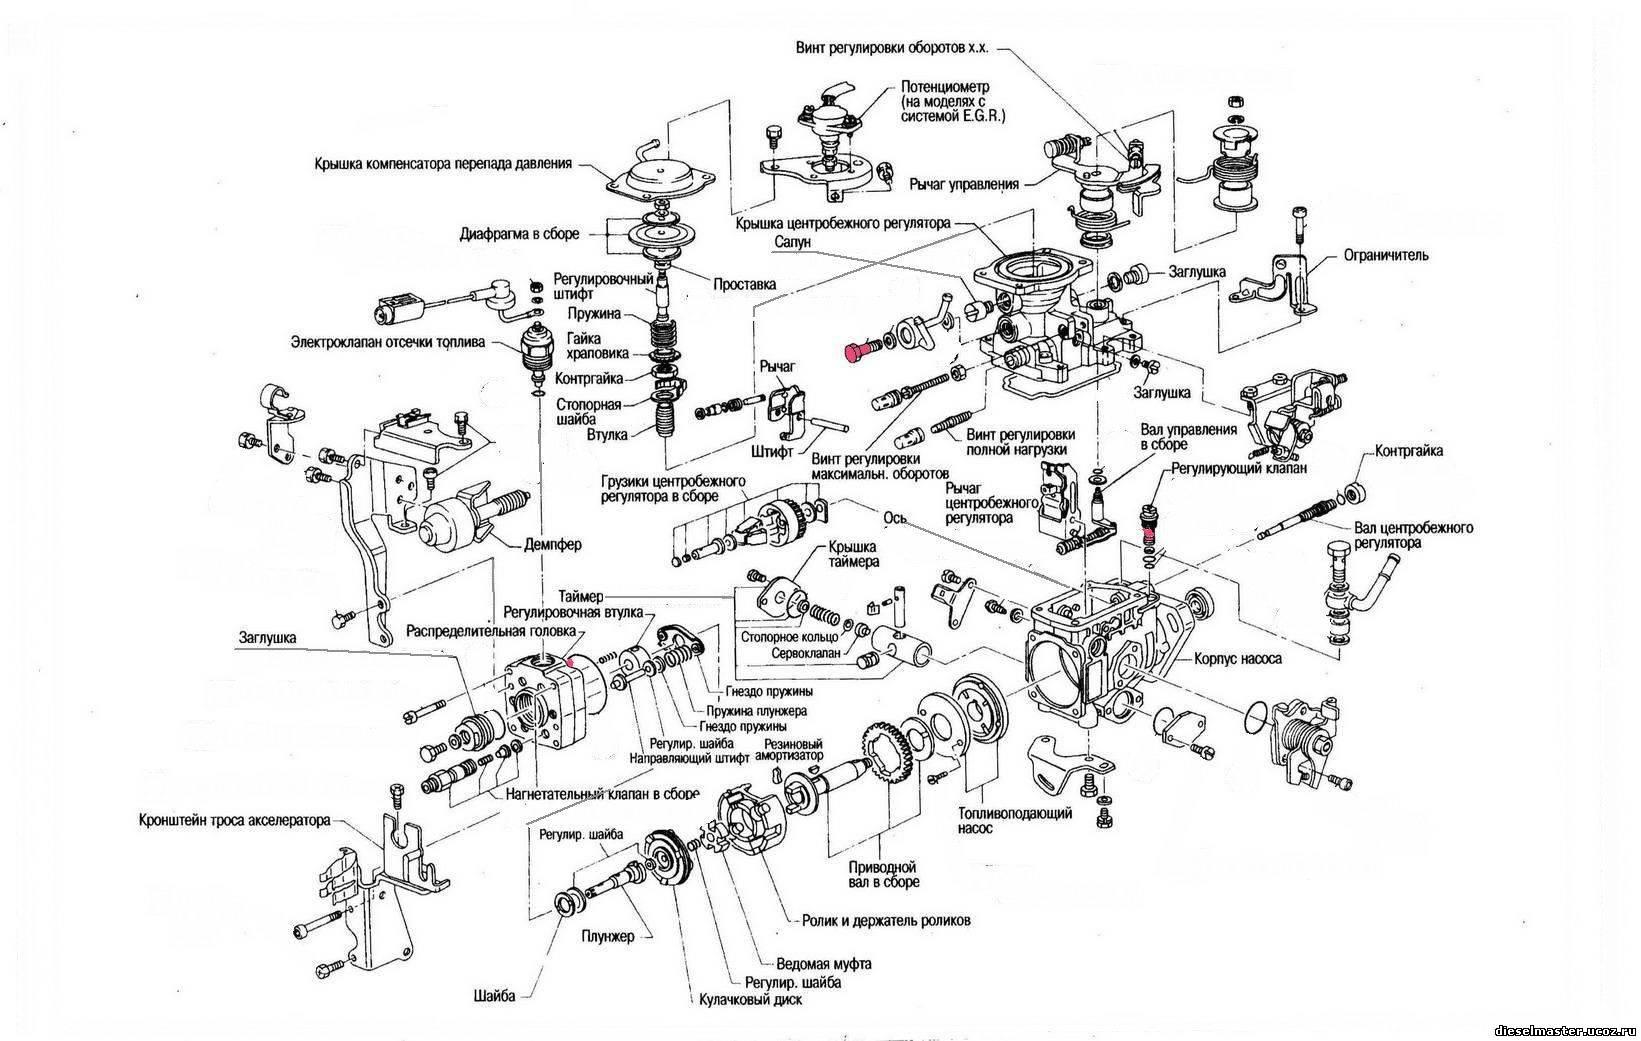 Схема расположения предохранителей погрузчика гидромек 102с